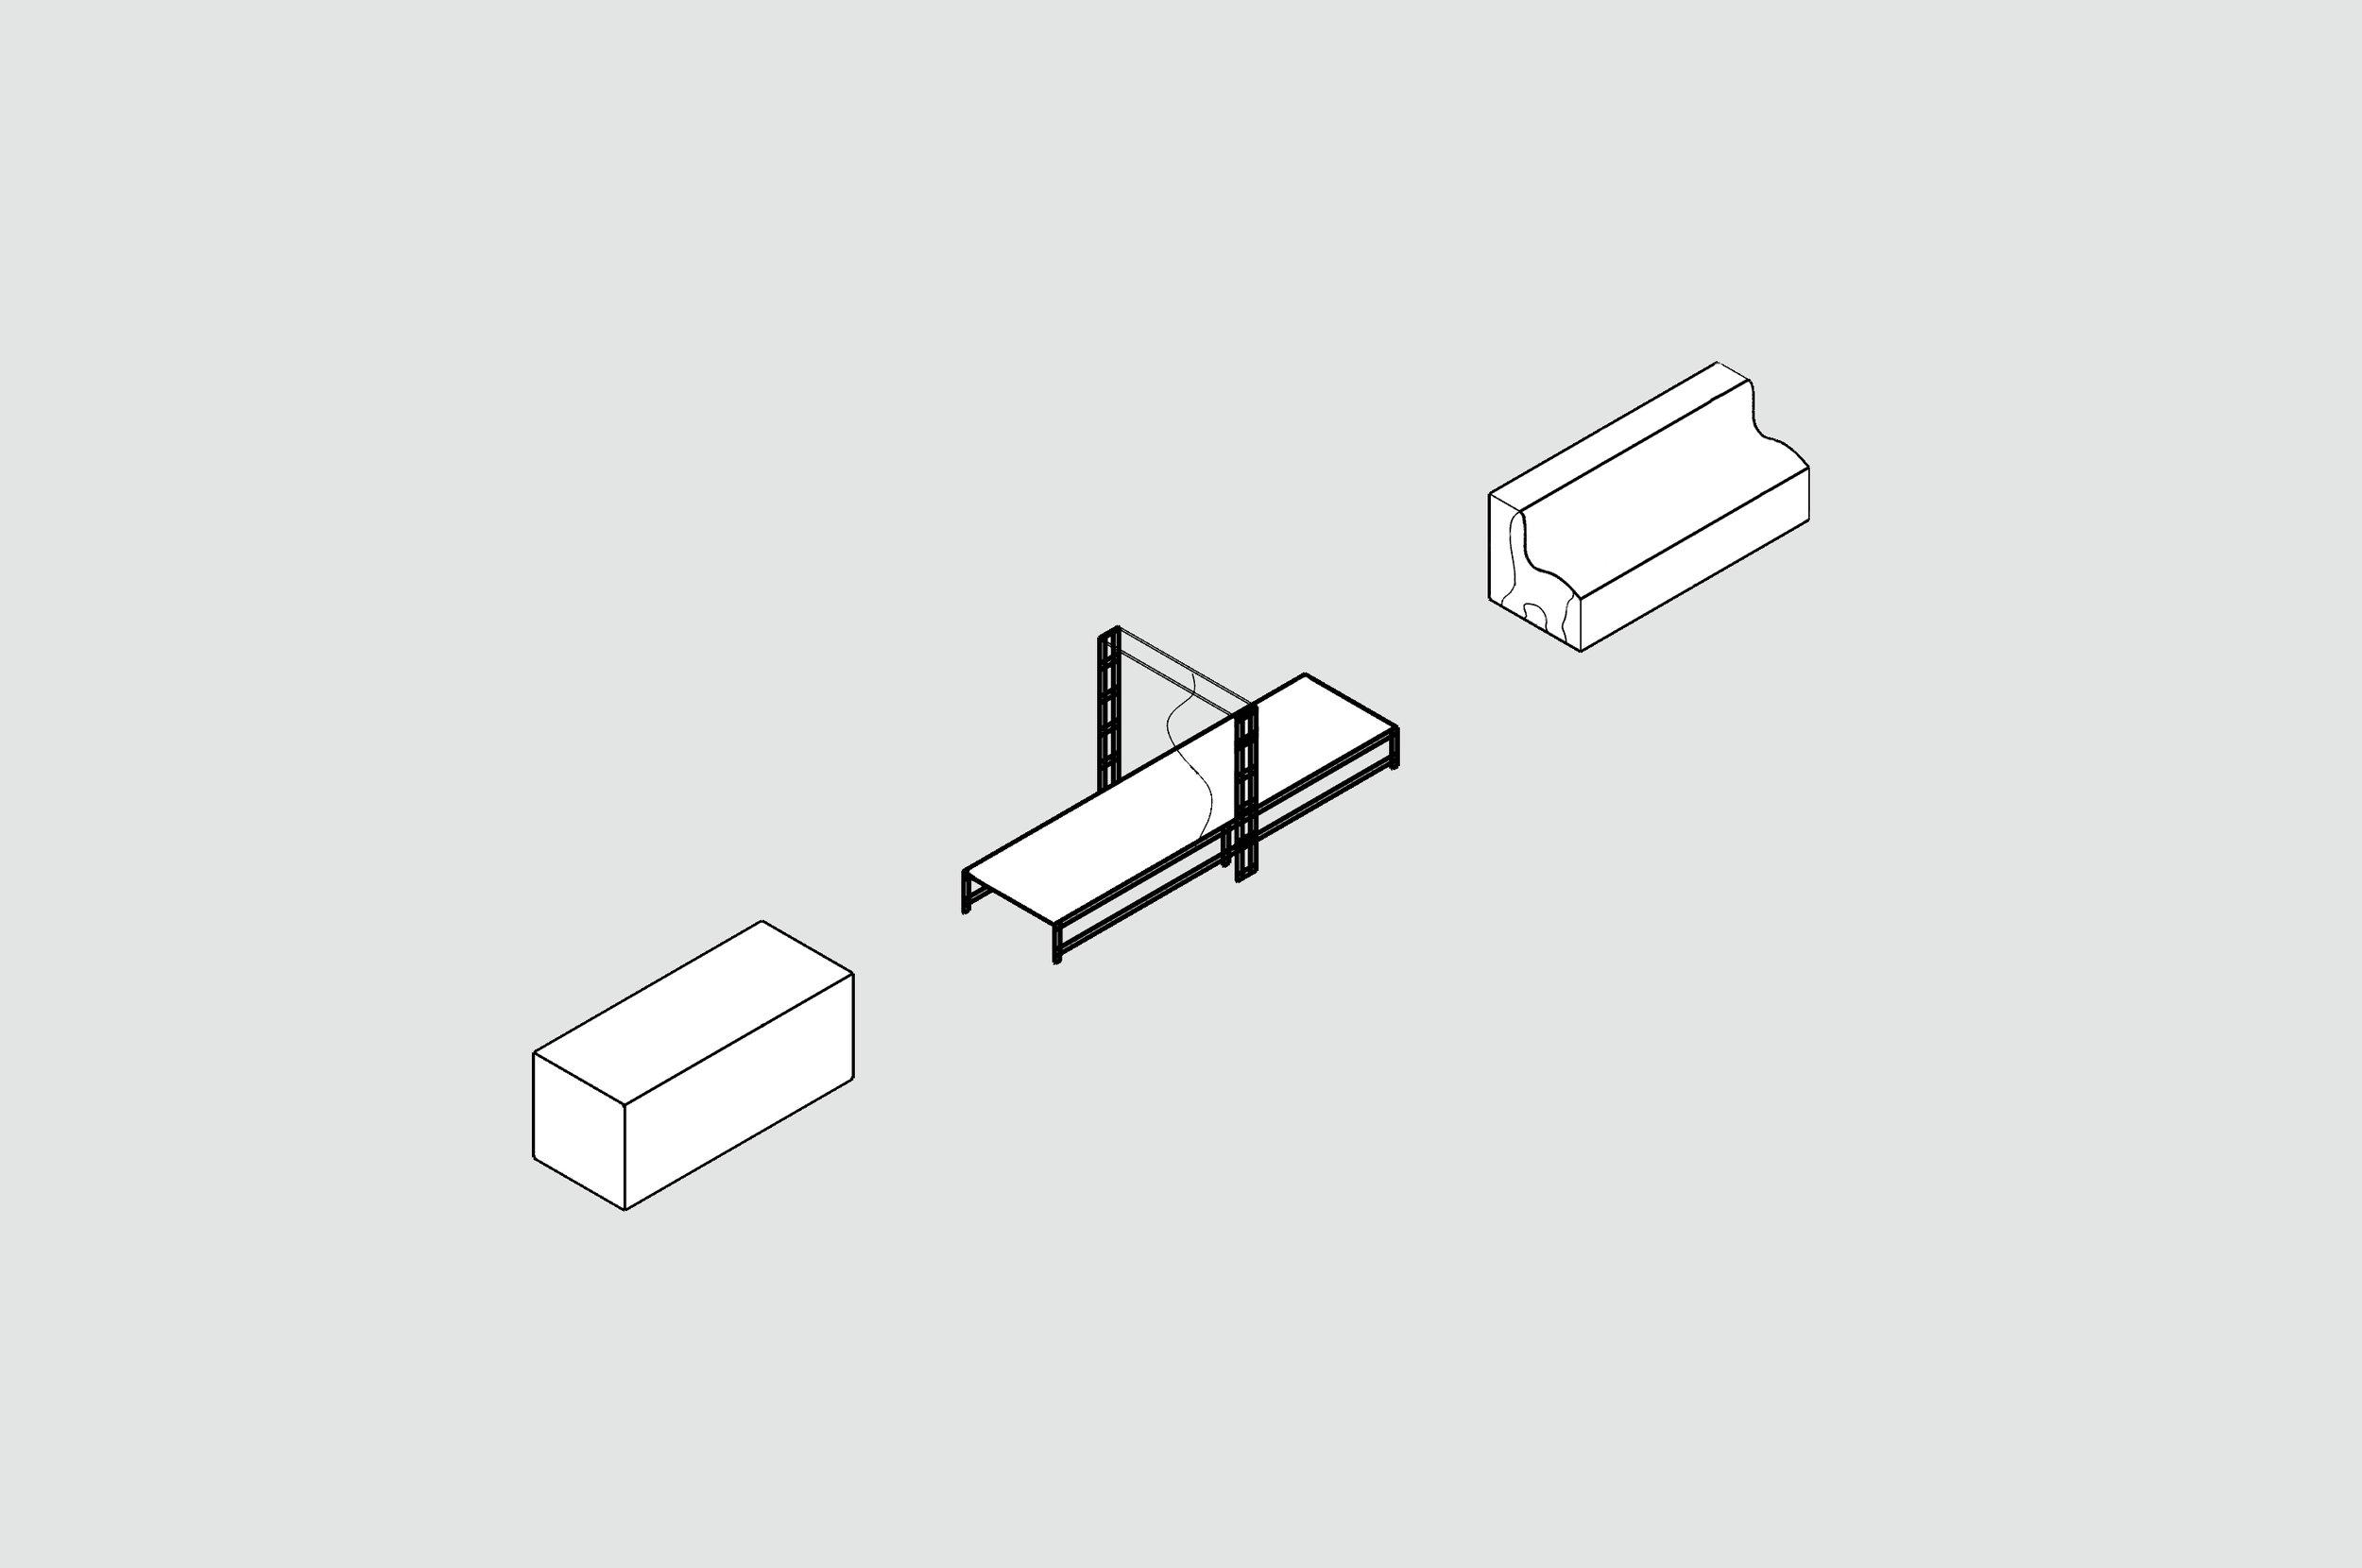 Cutting_Edge_Sketch_02.jpg